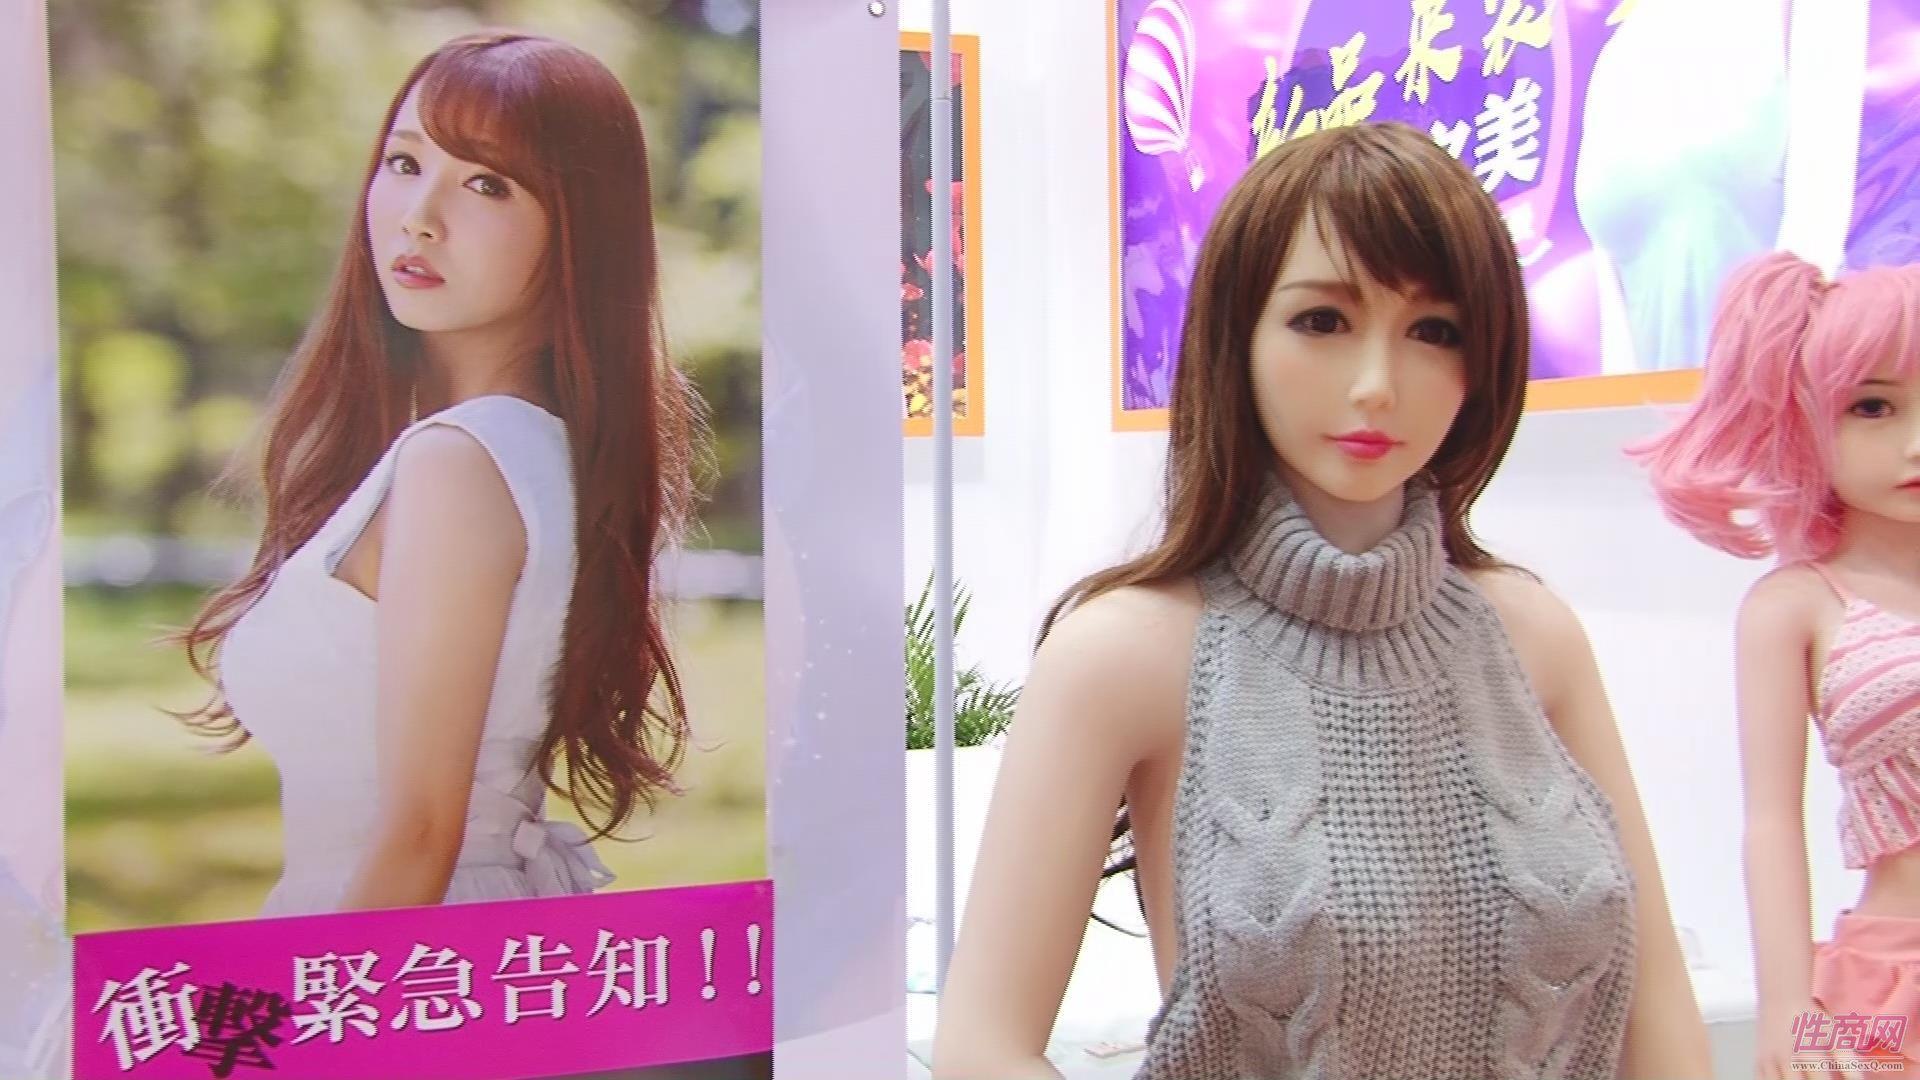 金三展台的日本女友仿真娃娃很相似